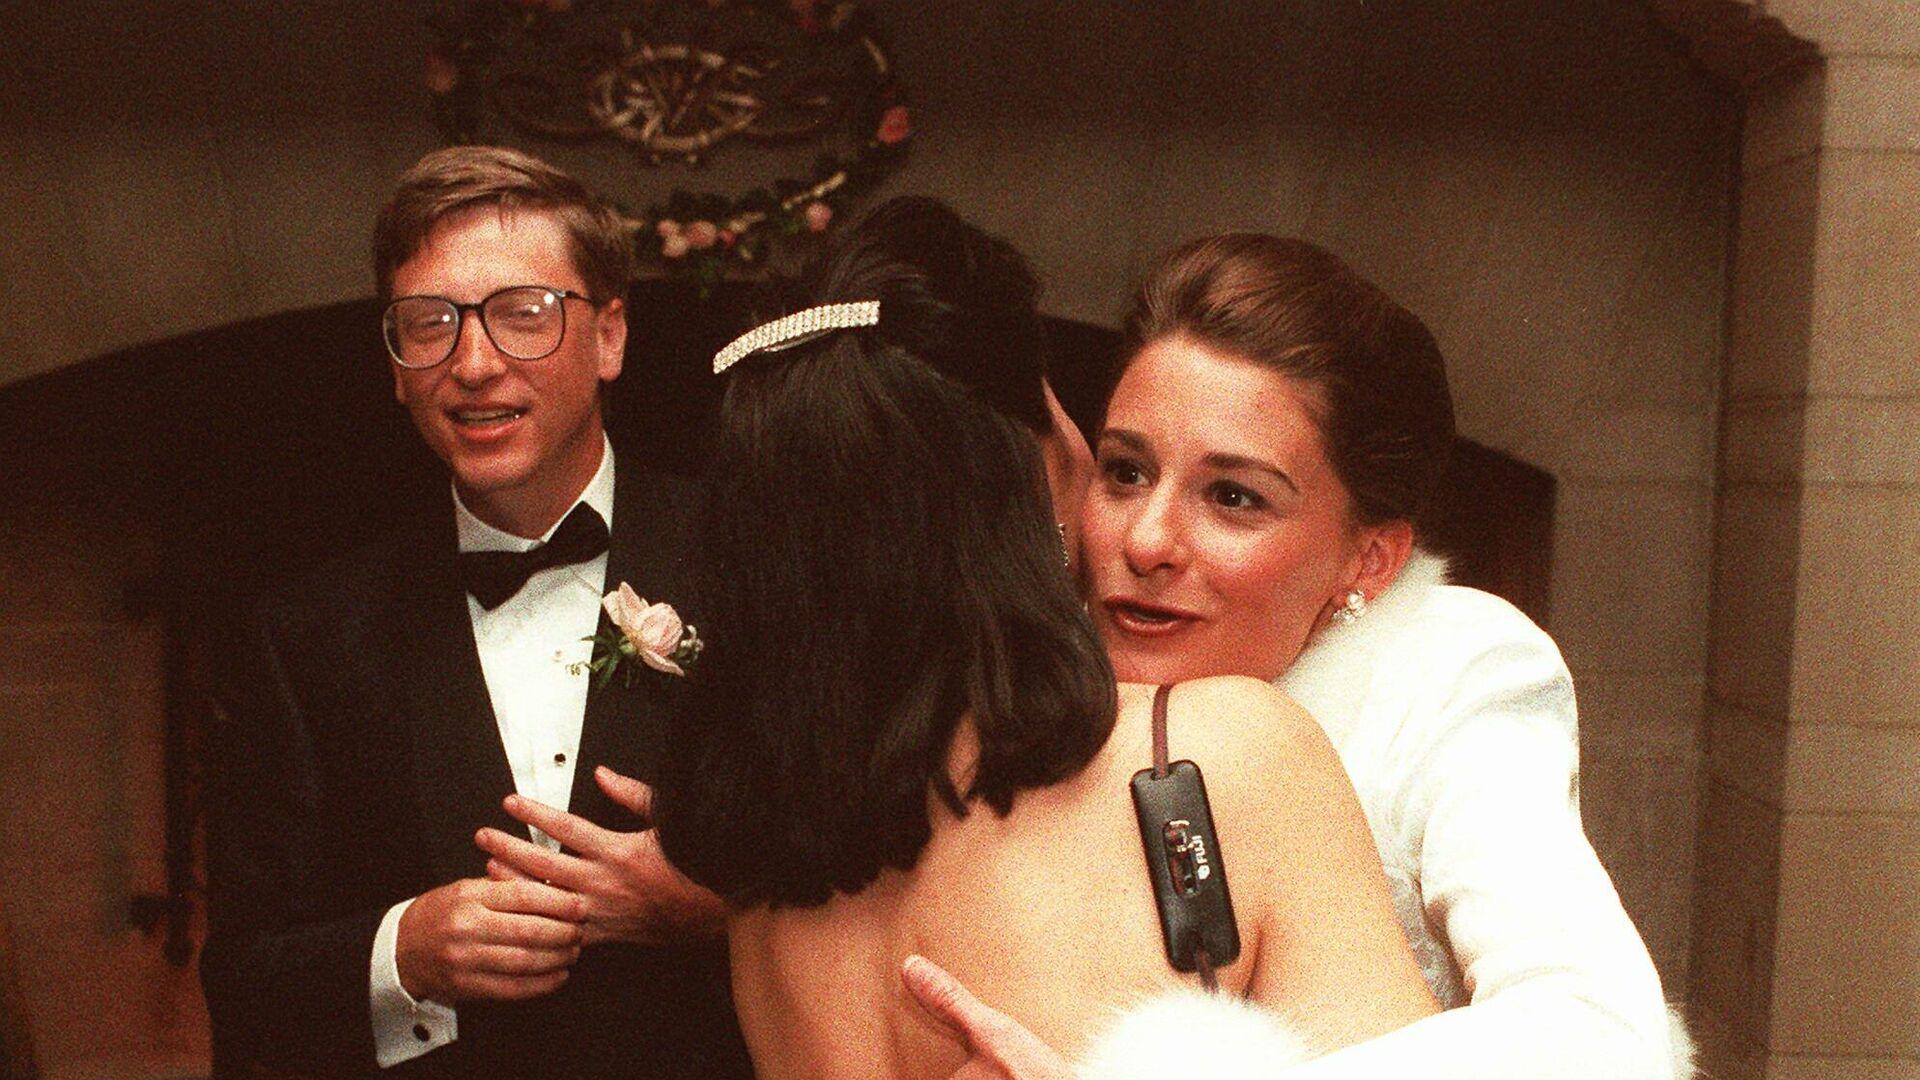 La boda de Bill y Melinda Gates - Sputnik Mundo, 1920, 05.05.2021